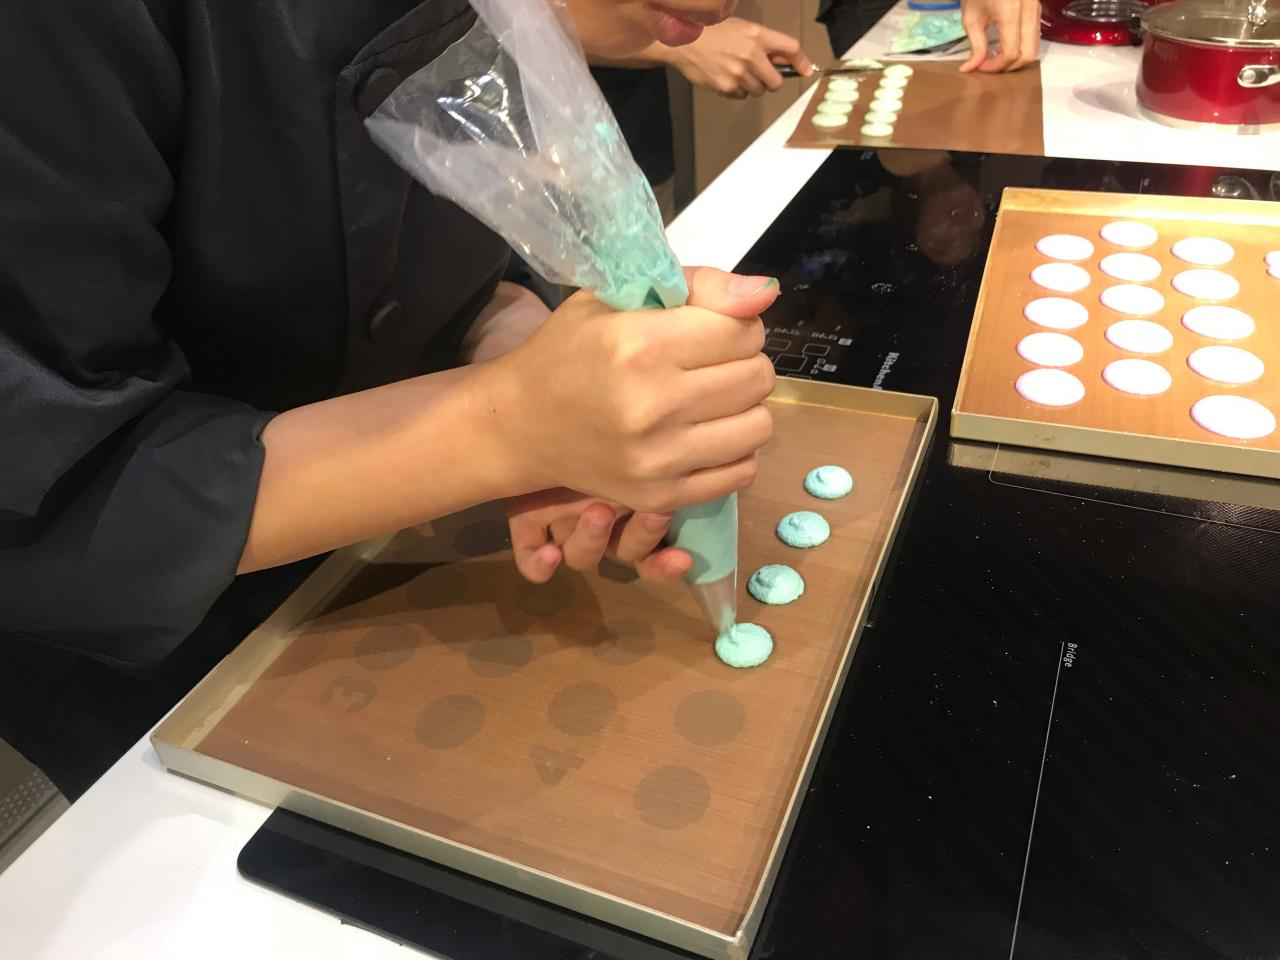 馬可龍除了原色(白色)之外,也可以加入由蛋白混入的食用色素,更添繽紛色彩。